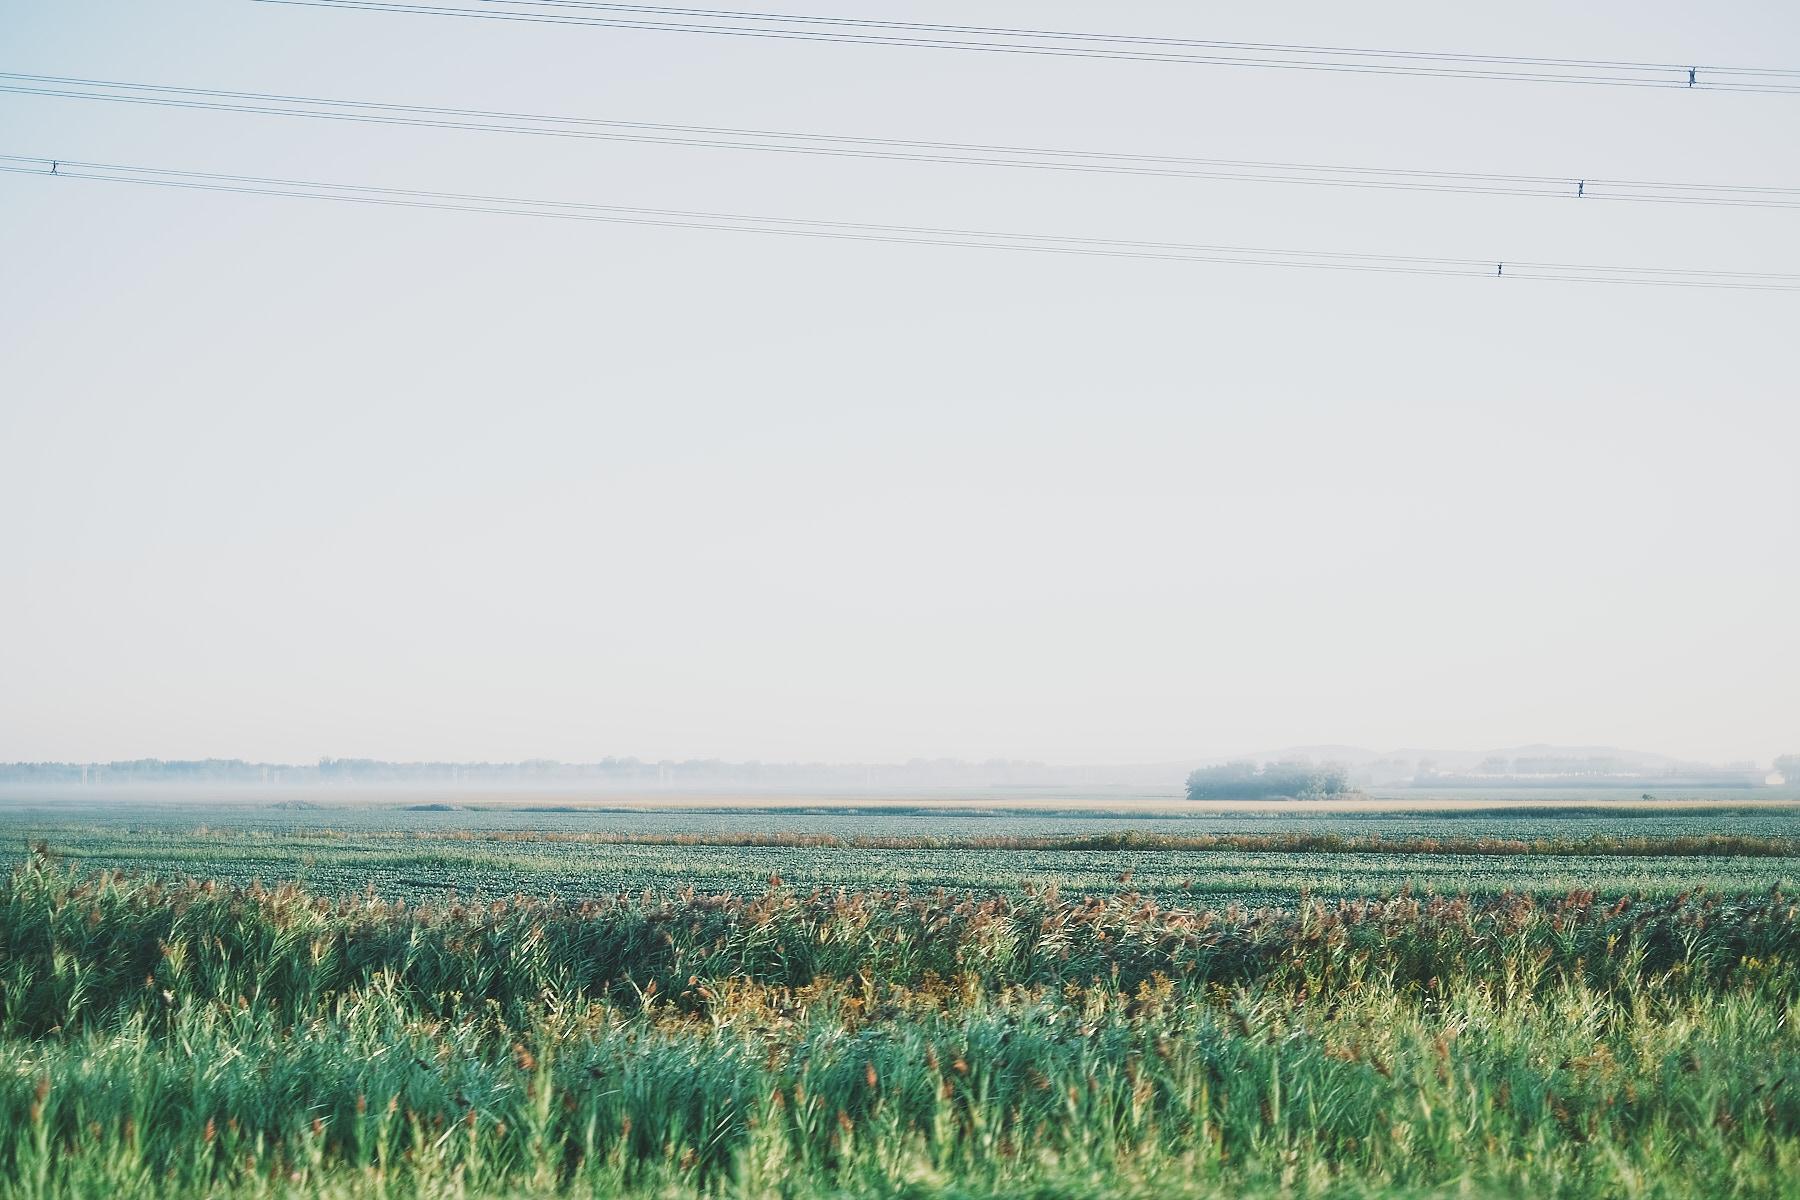 laROQUE-xpro3-BTS-002.jpg